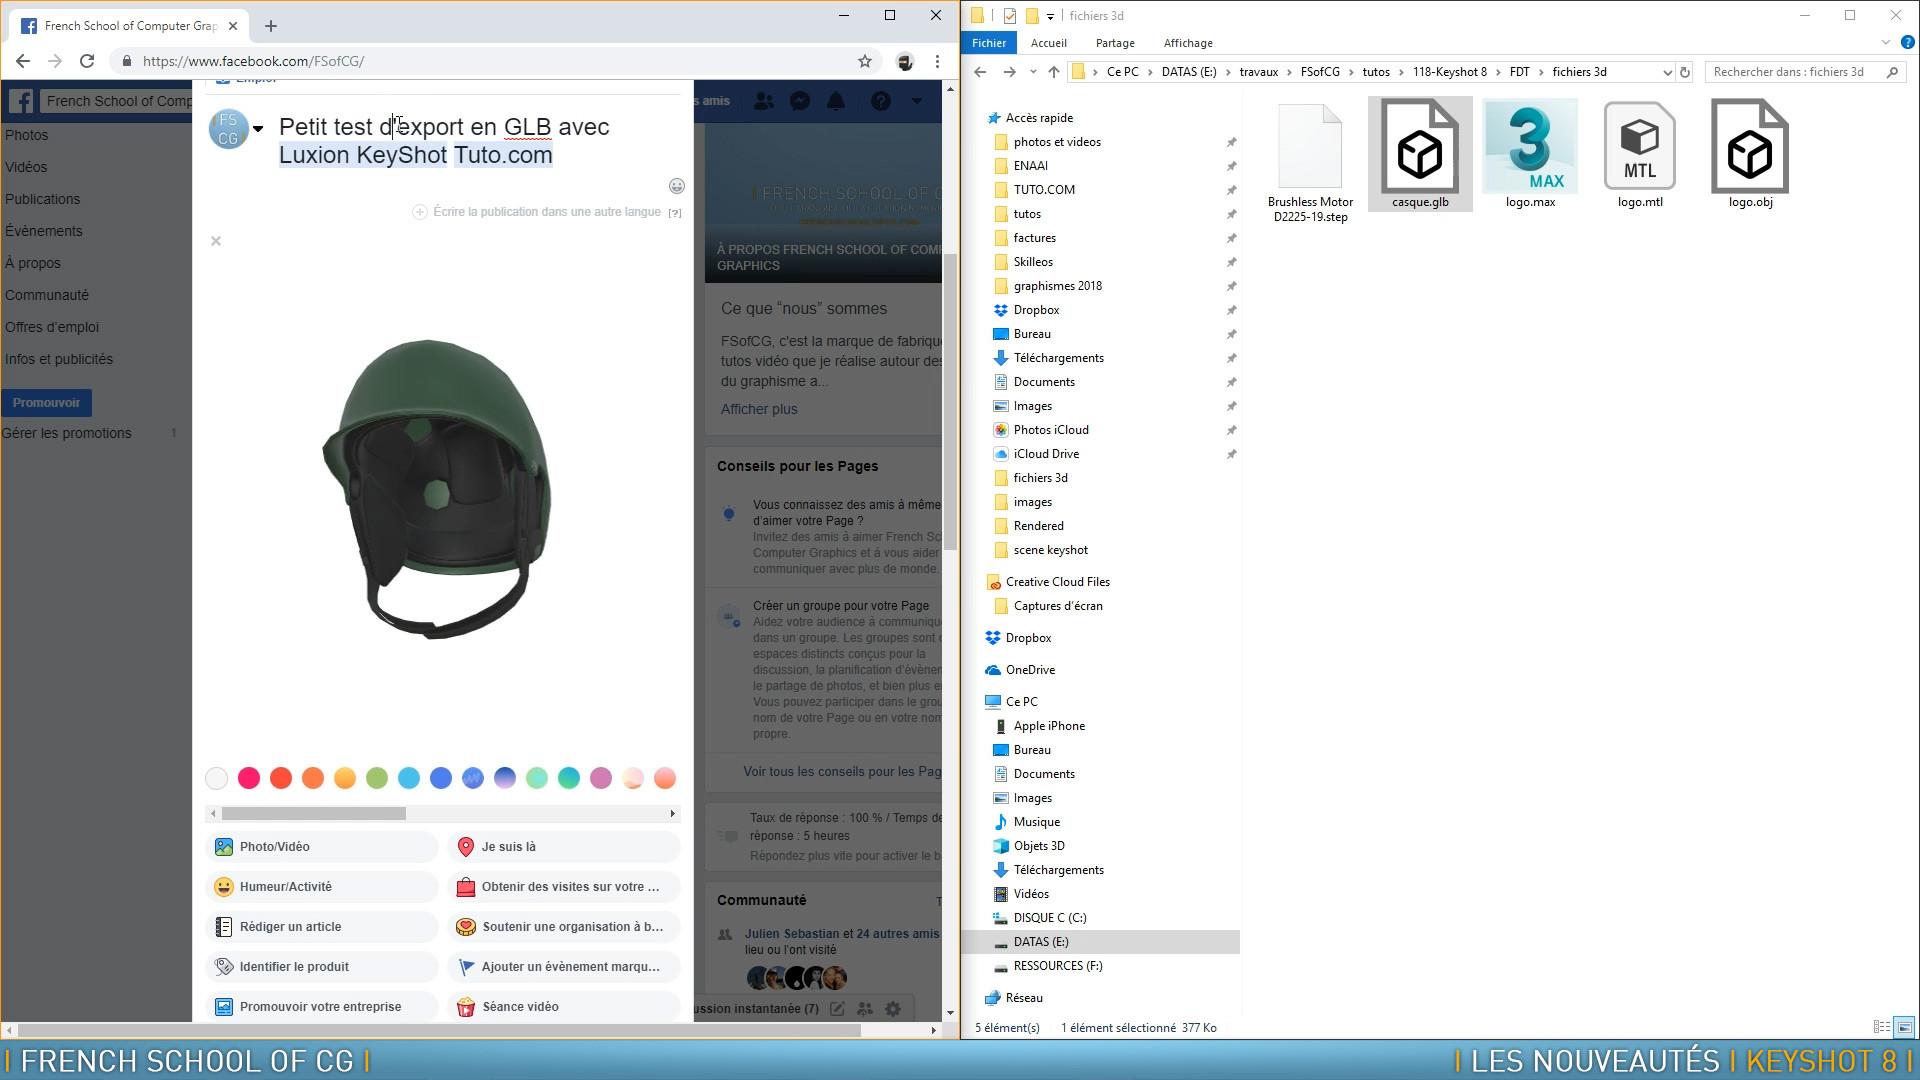 TUTO Les nouveautés de Keyshot 8 avec KeyShot sur Tuto com